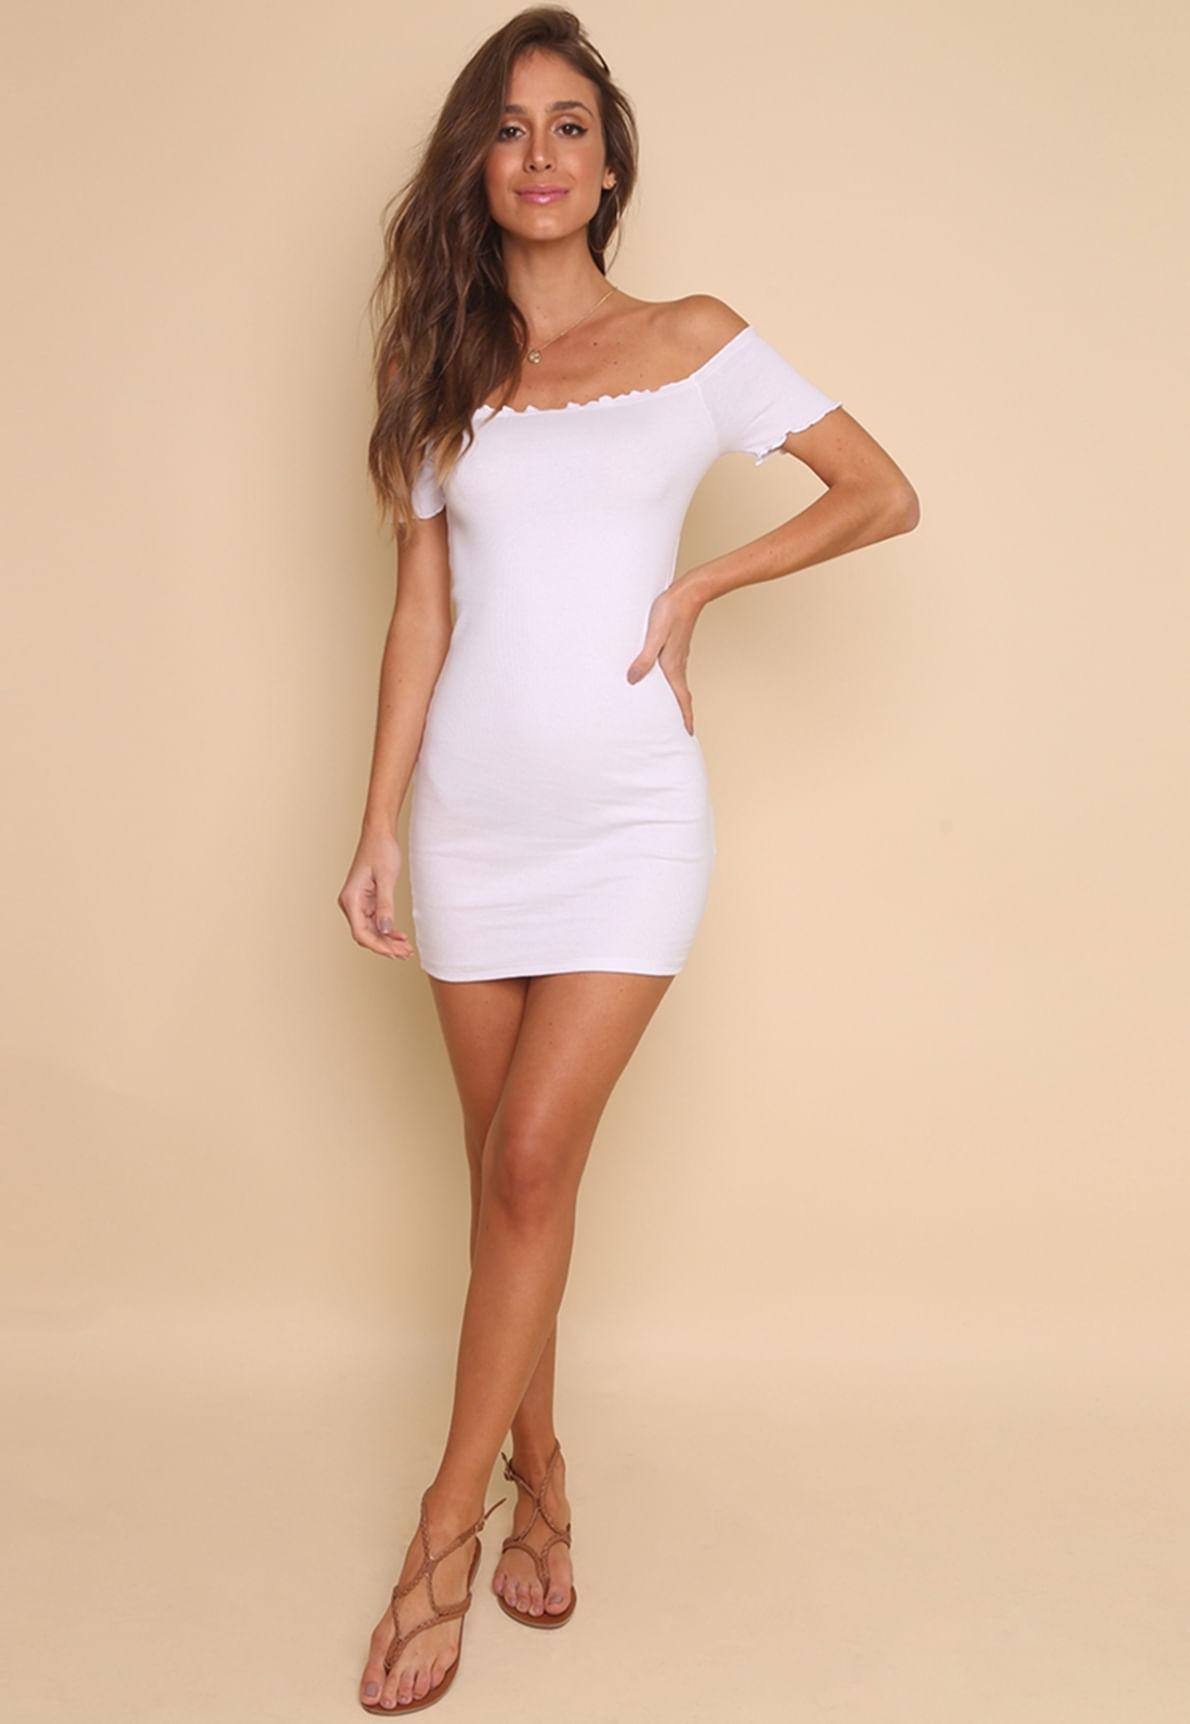 28892-vestido-ombro-a-ombro-branco-maddy-mundo-lolita-01